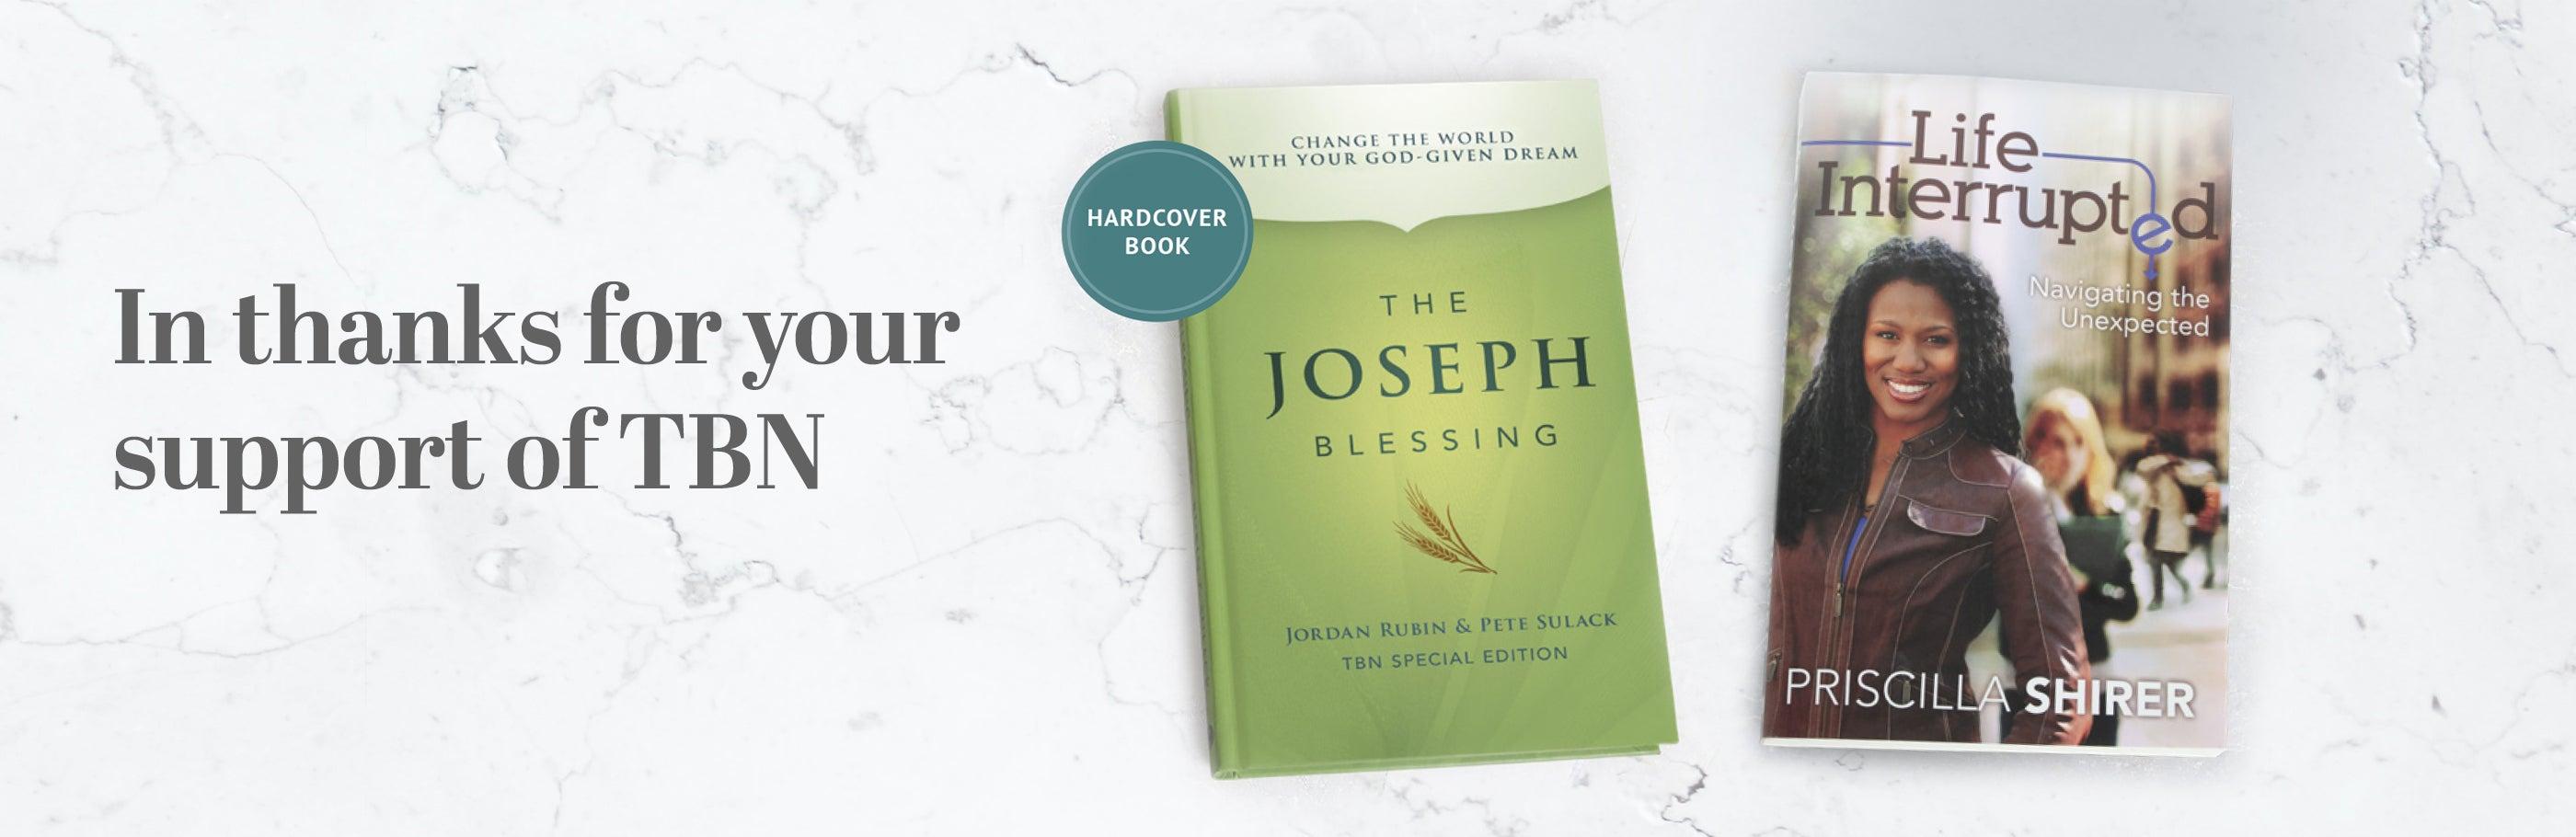 TBN July Gift Offer The Joseph Blessing